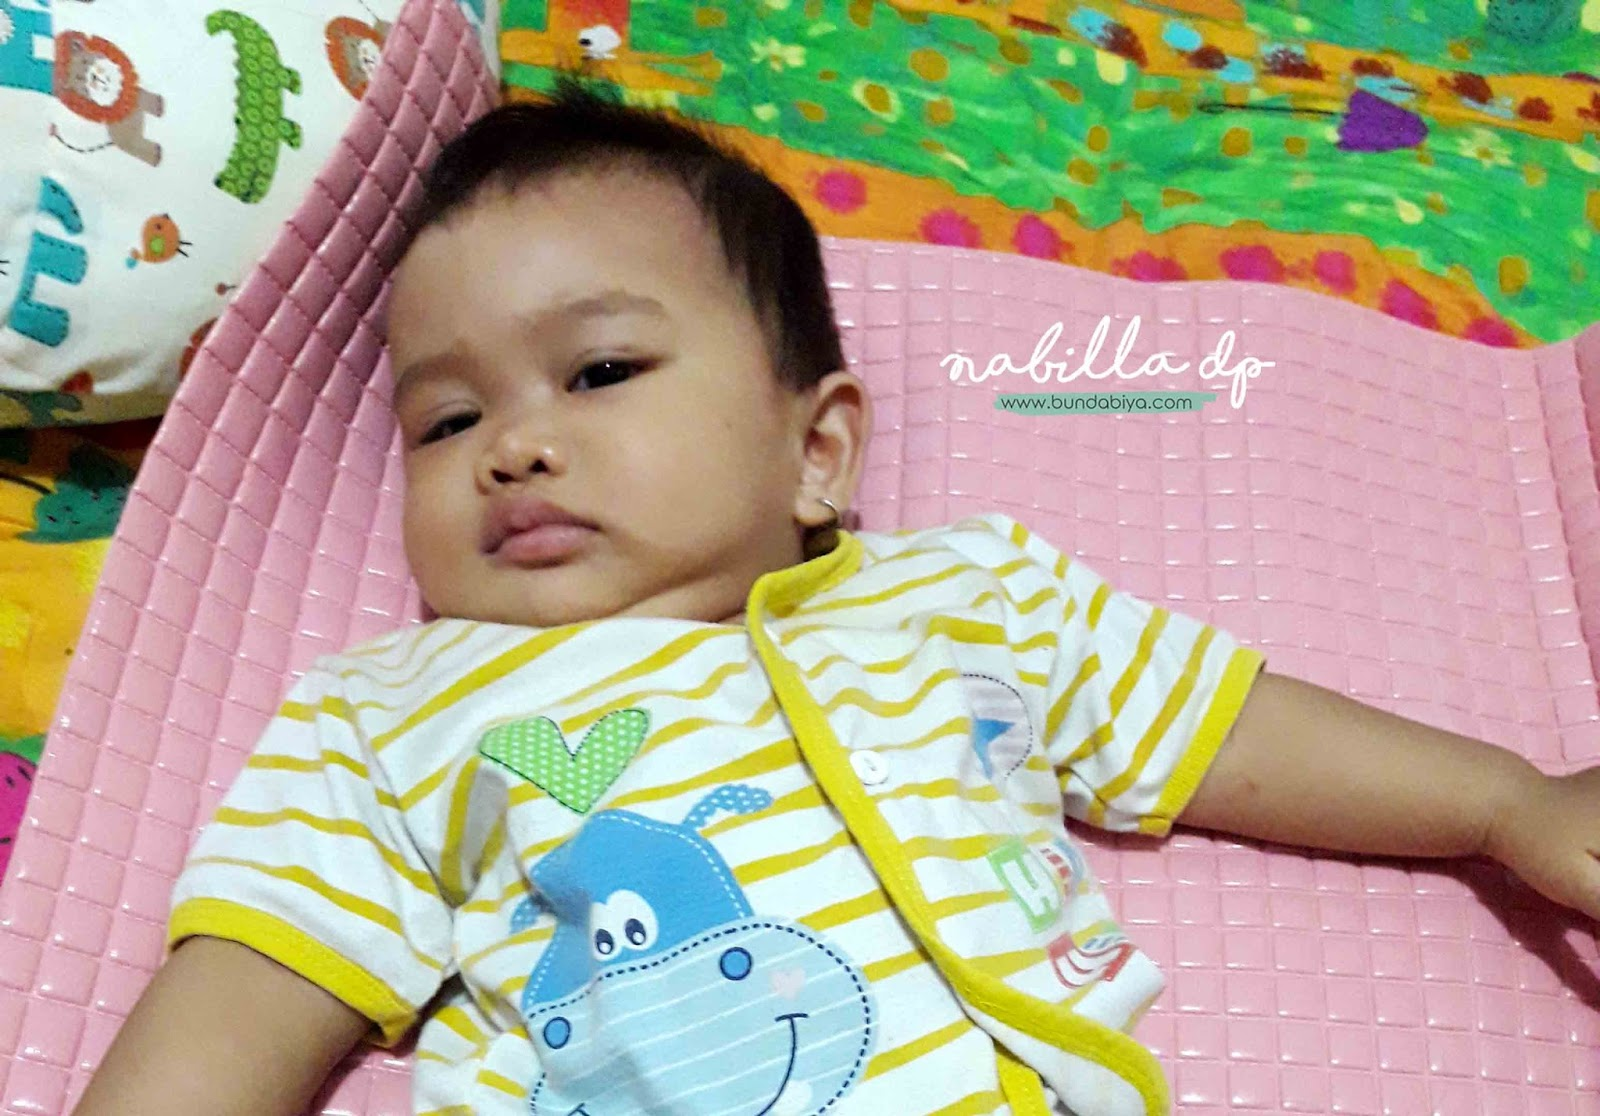 Apakah Microlax Bisa Untuk Bayi 7 Bulan - Berbagai Peruntukan